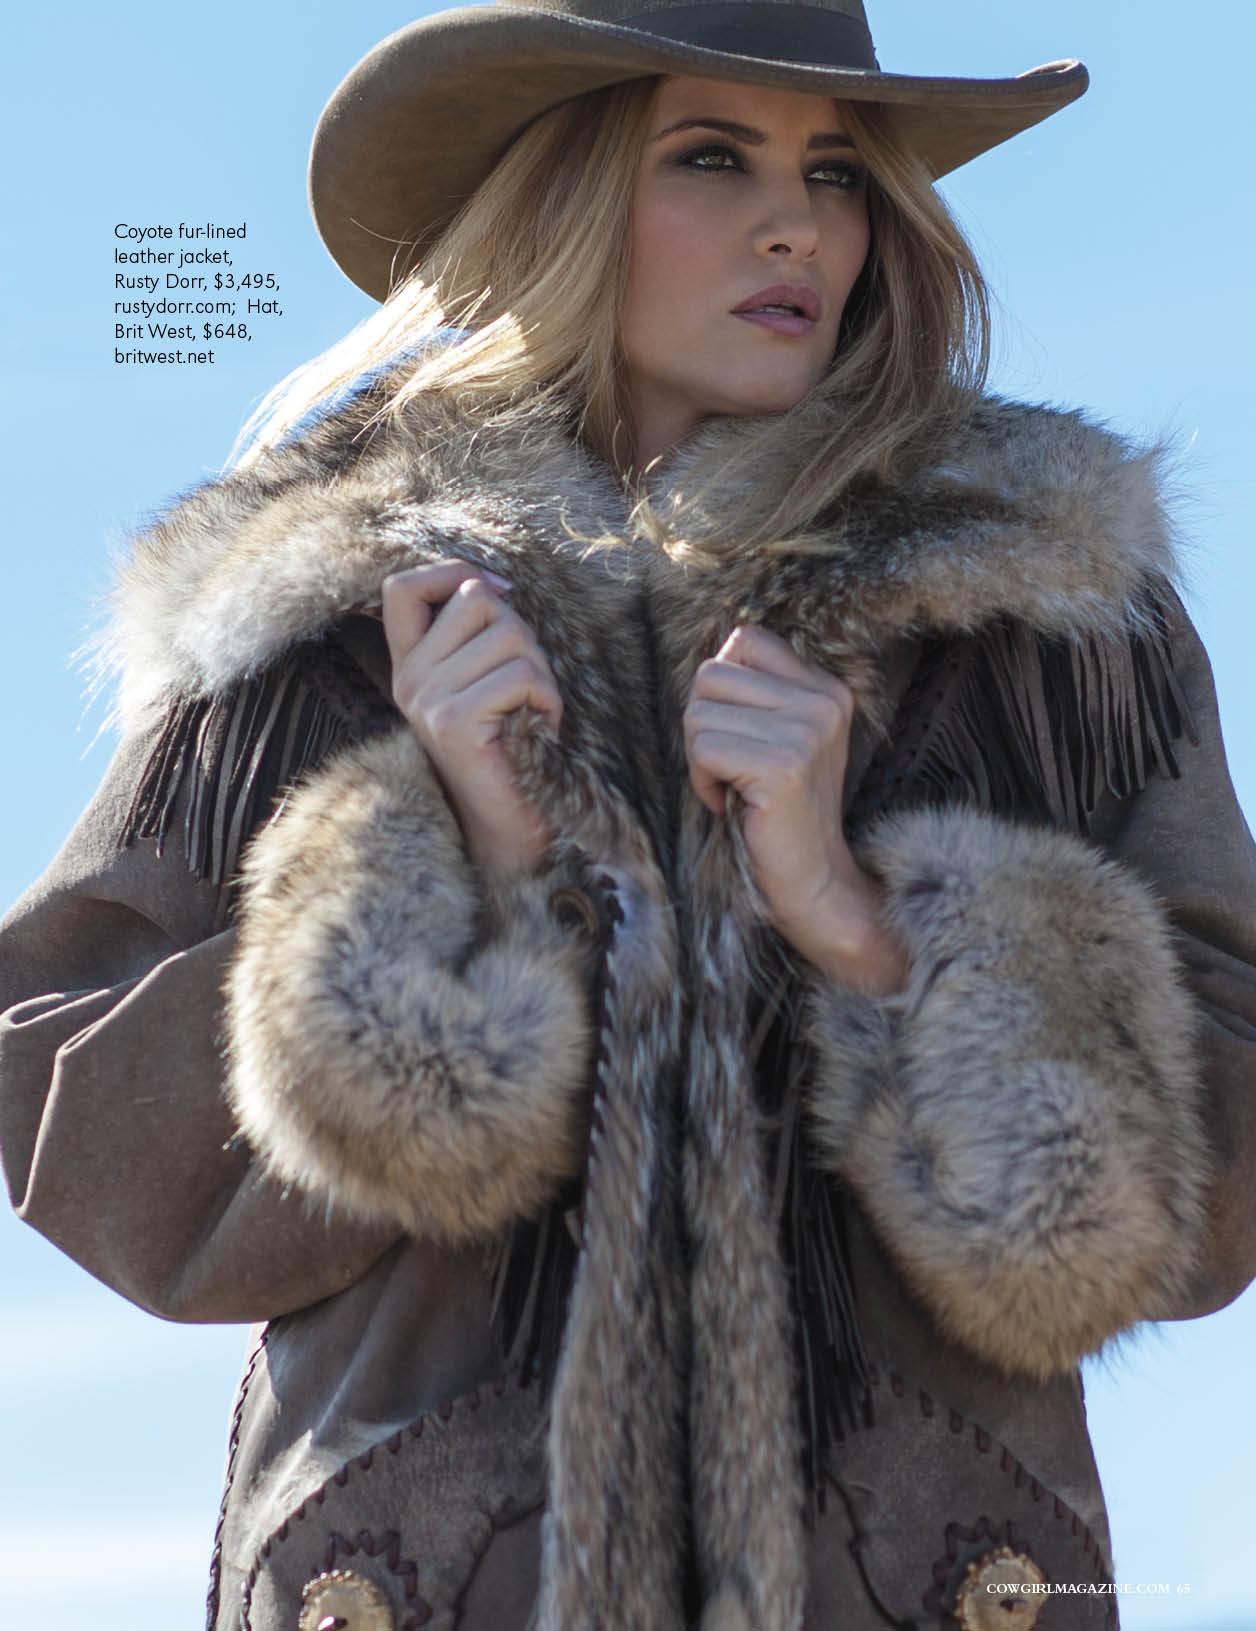 COWGIRL_JAN-FEB17_058-067_Fashion8 copy.jpg